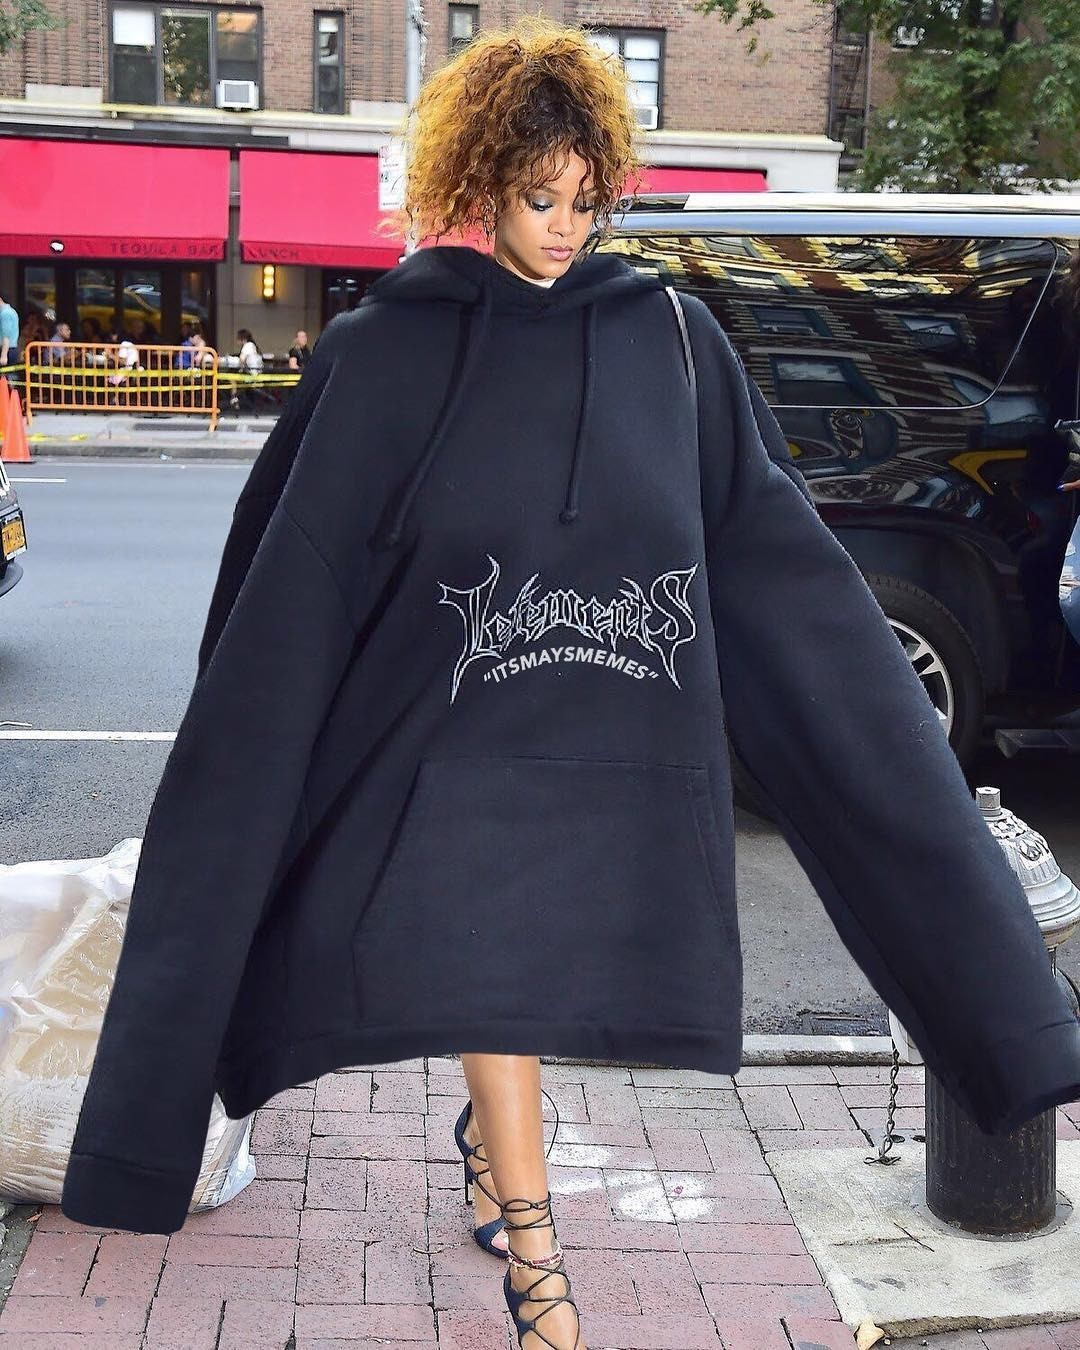 Одежда объемного кроя, начиная от жакетов и заканчивая зимними пуховиками, действительно достигла огромной популярности в этом сезоне. Такие вещи теплые, уютные - в объемном шерстяном сви...